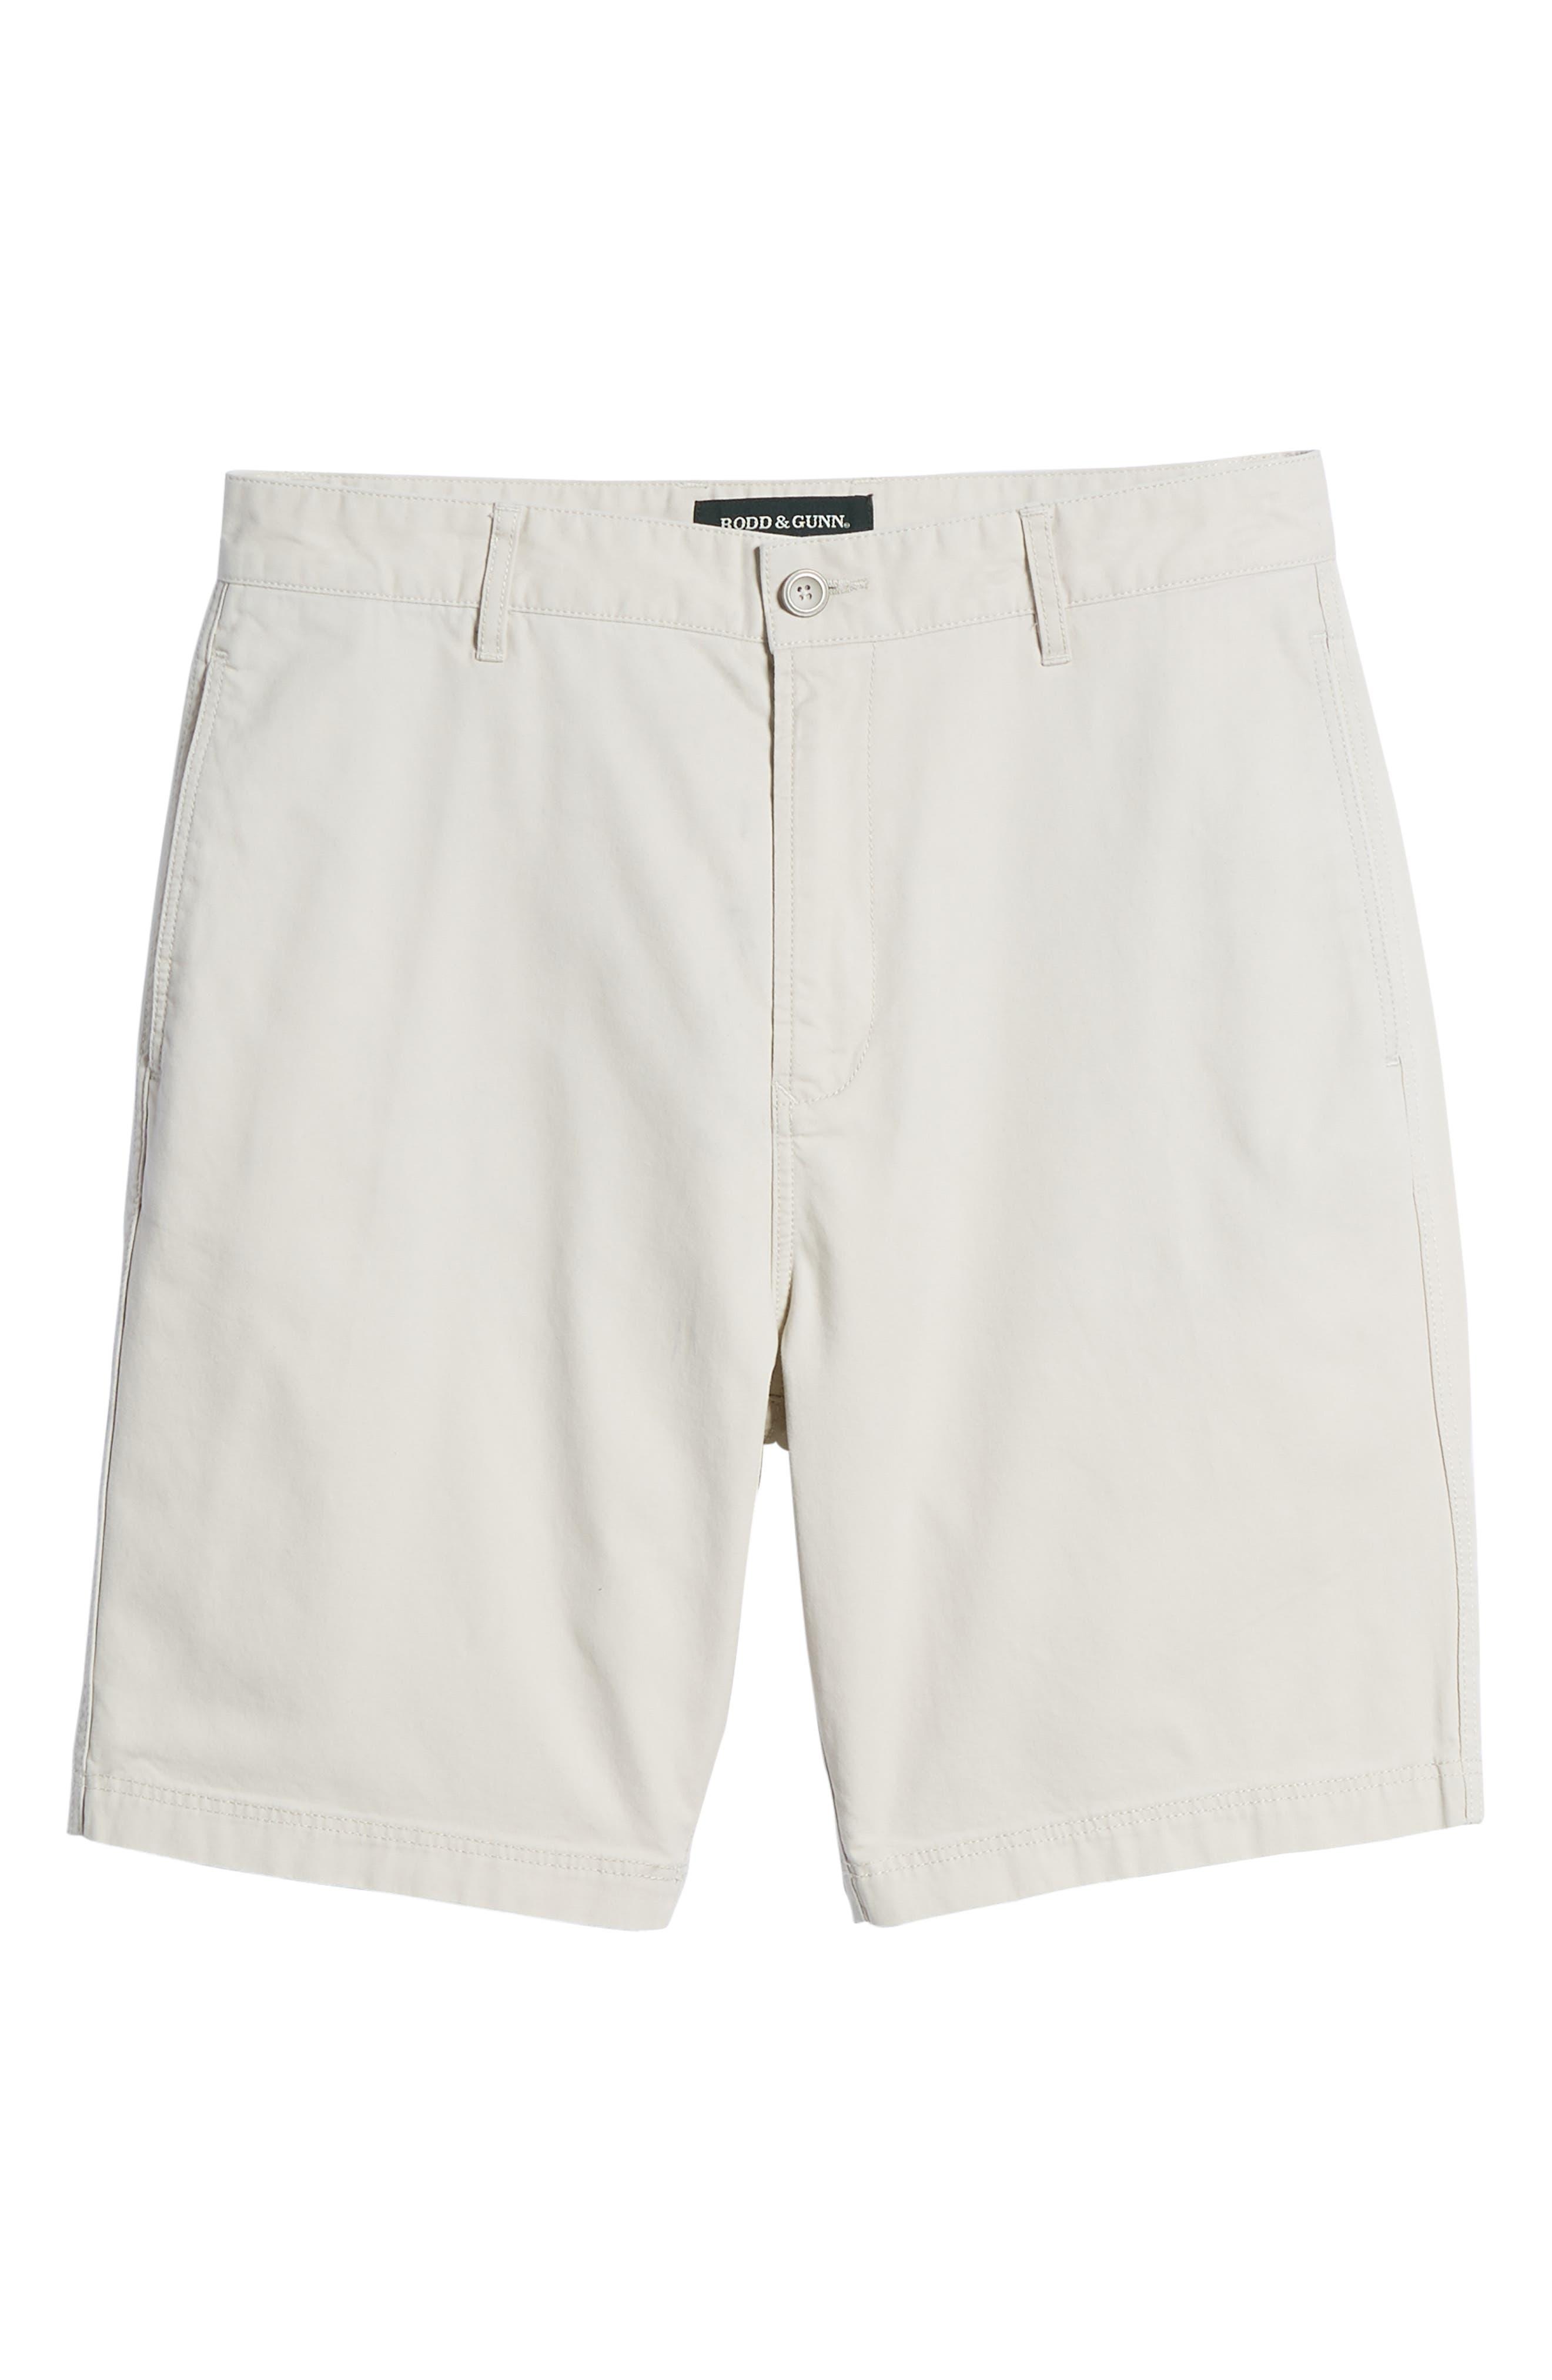 RODD & GUNN,                             Glenburn Shorts,                             Alternate thumbnail 6, color,                             261